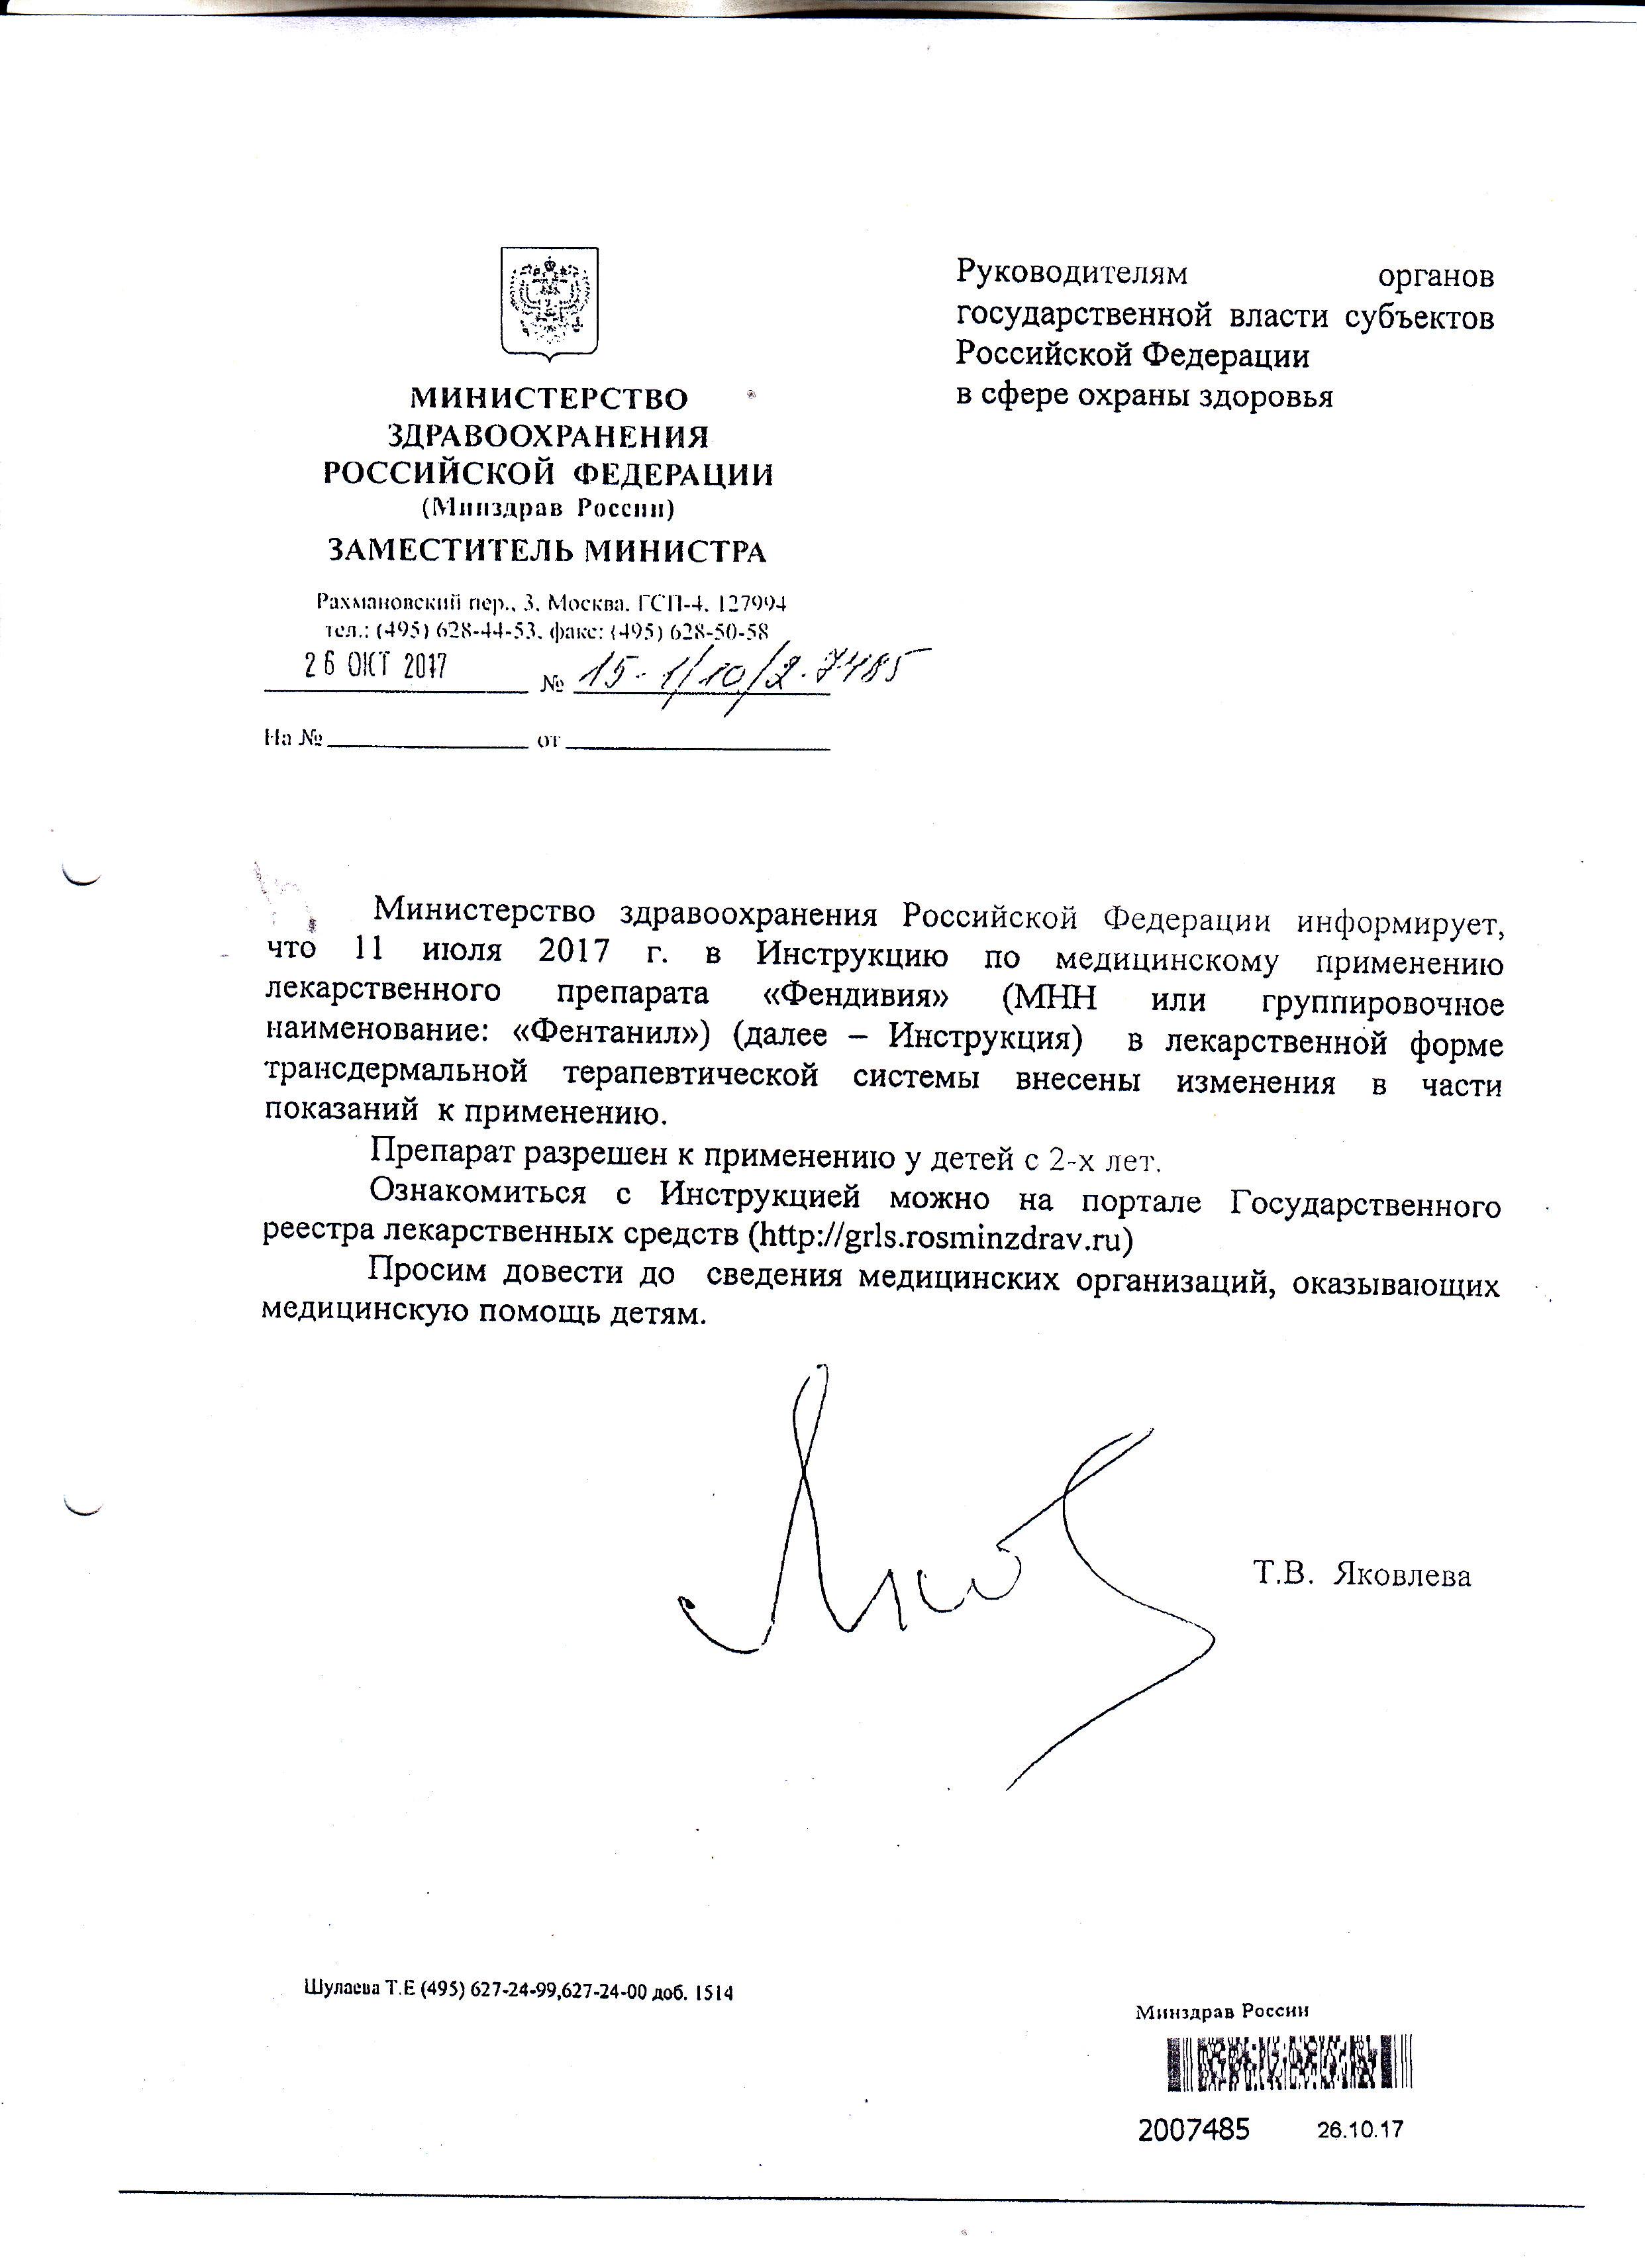 Инструкцией министерства здравоохранения